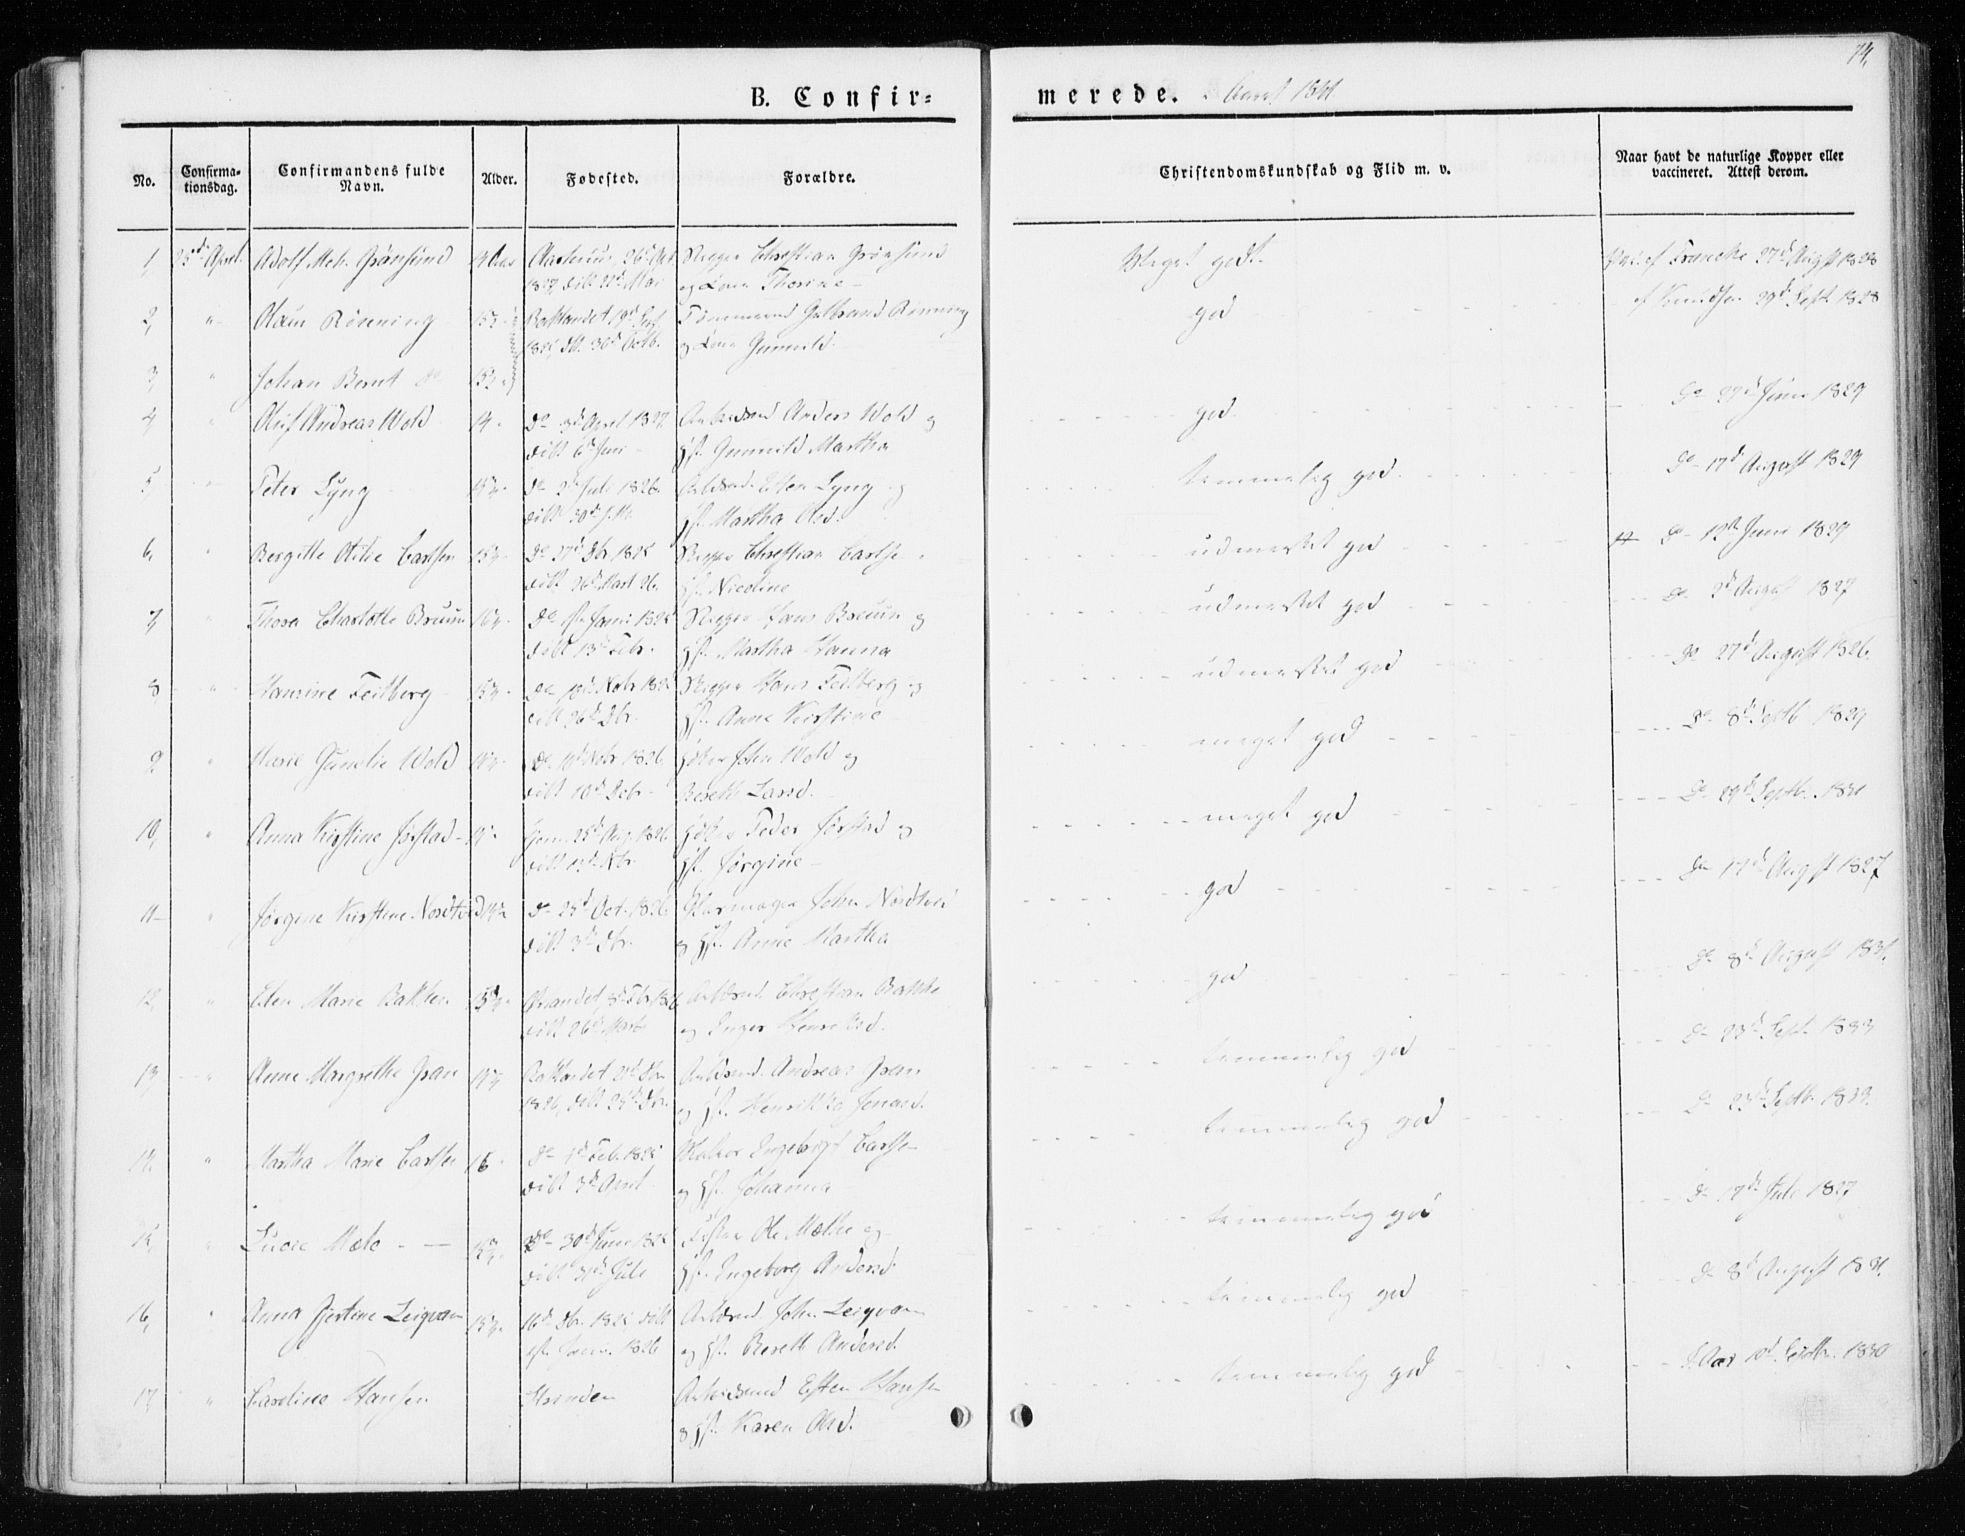 SAT, Ministerialprotokoller, klokkerbøker og fødselsregistre - Sør-Trøndelag, 604/L0183: Ministerialbok nr. 604A04, 1841-1850, s. 74